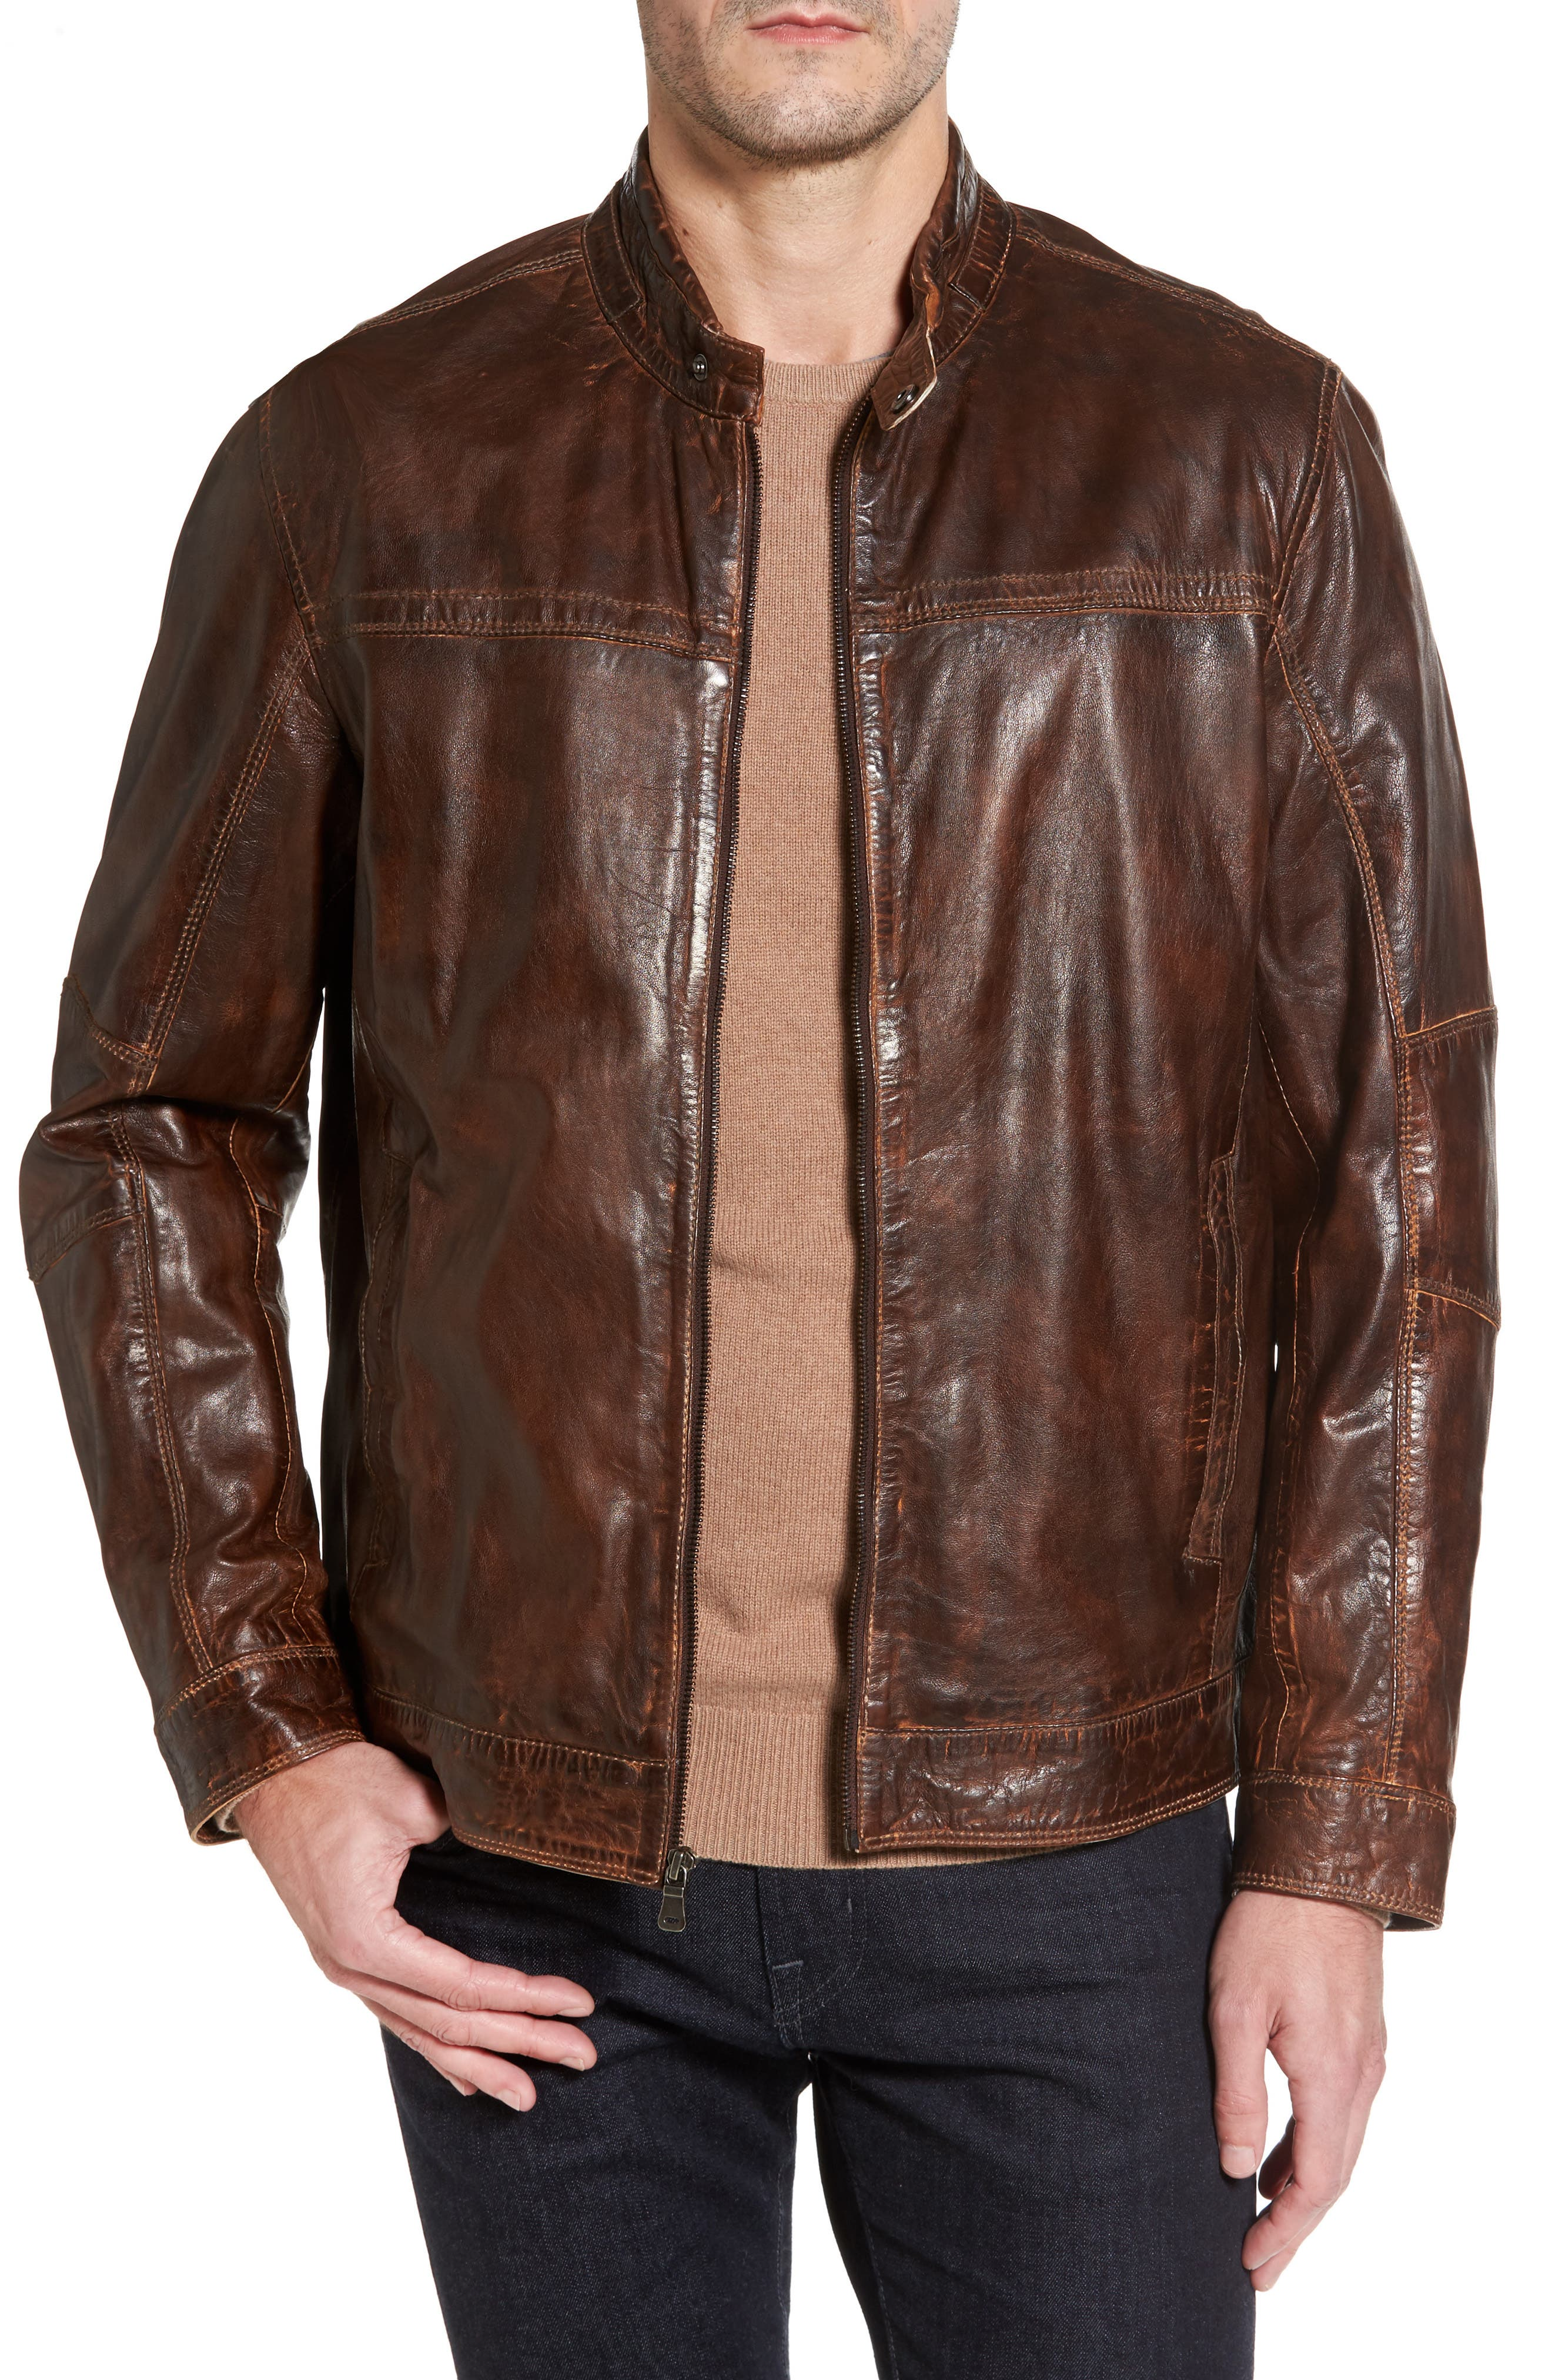 Missani Le Collezioni Vintage Leather Jacket